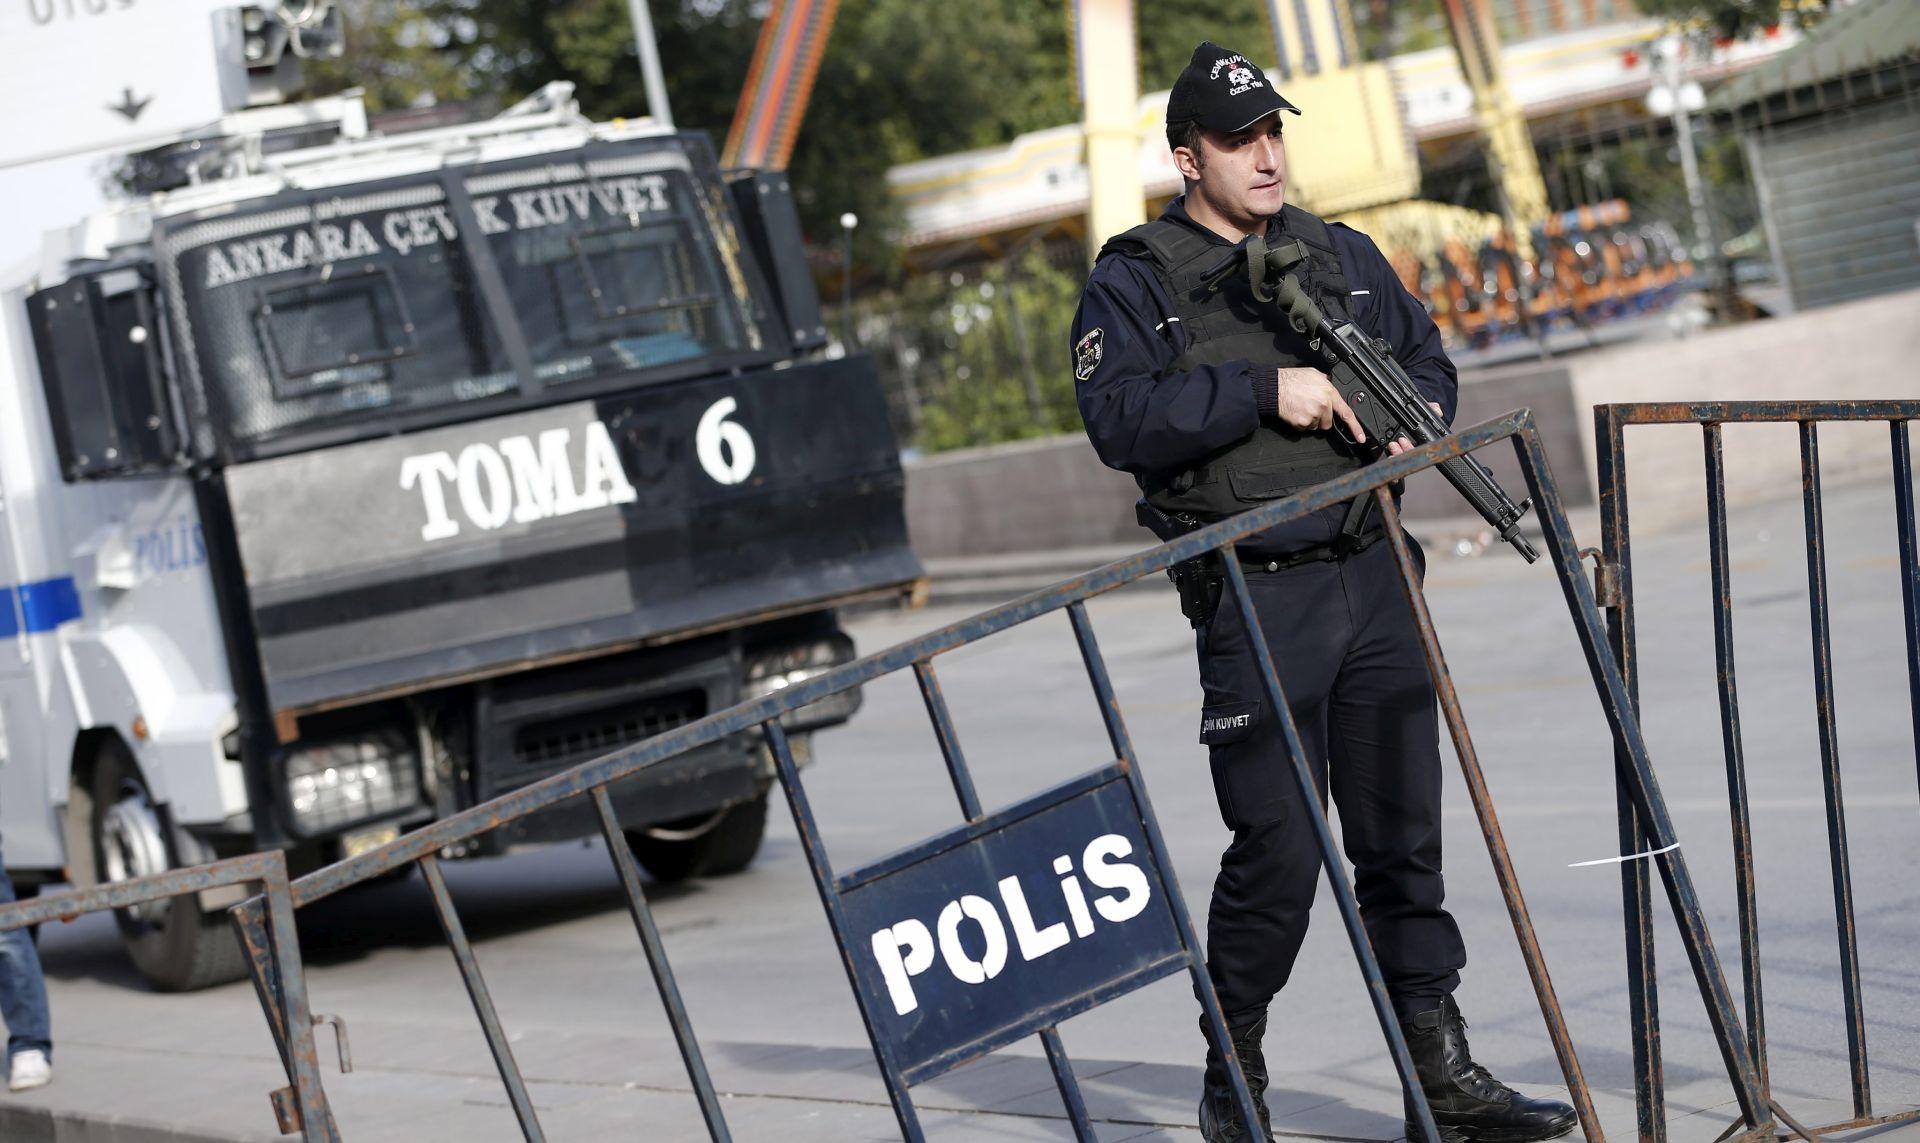 Sedam mrtvih u pucnjavi policije i pripadnika IS-a u Turskoj